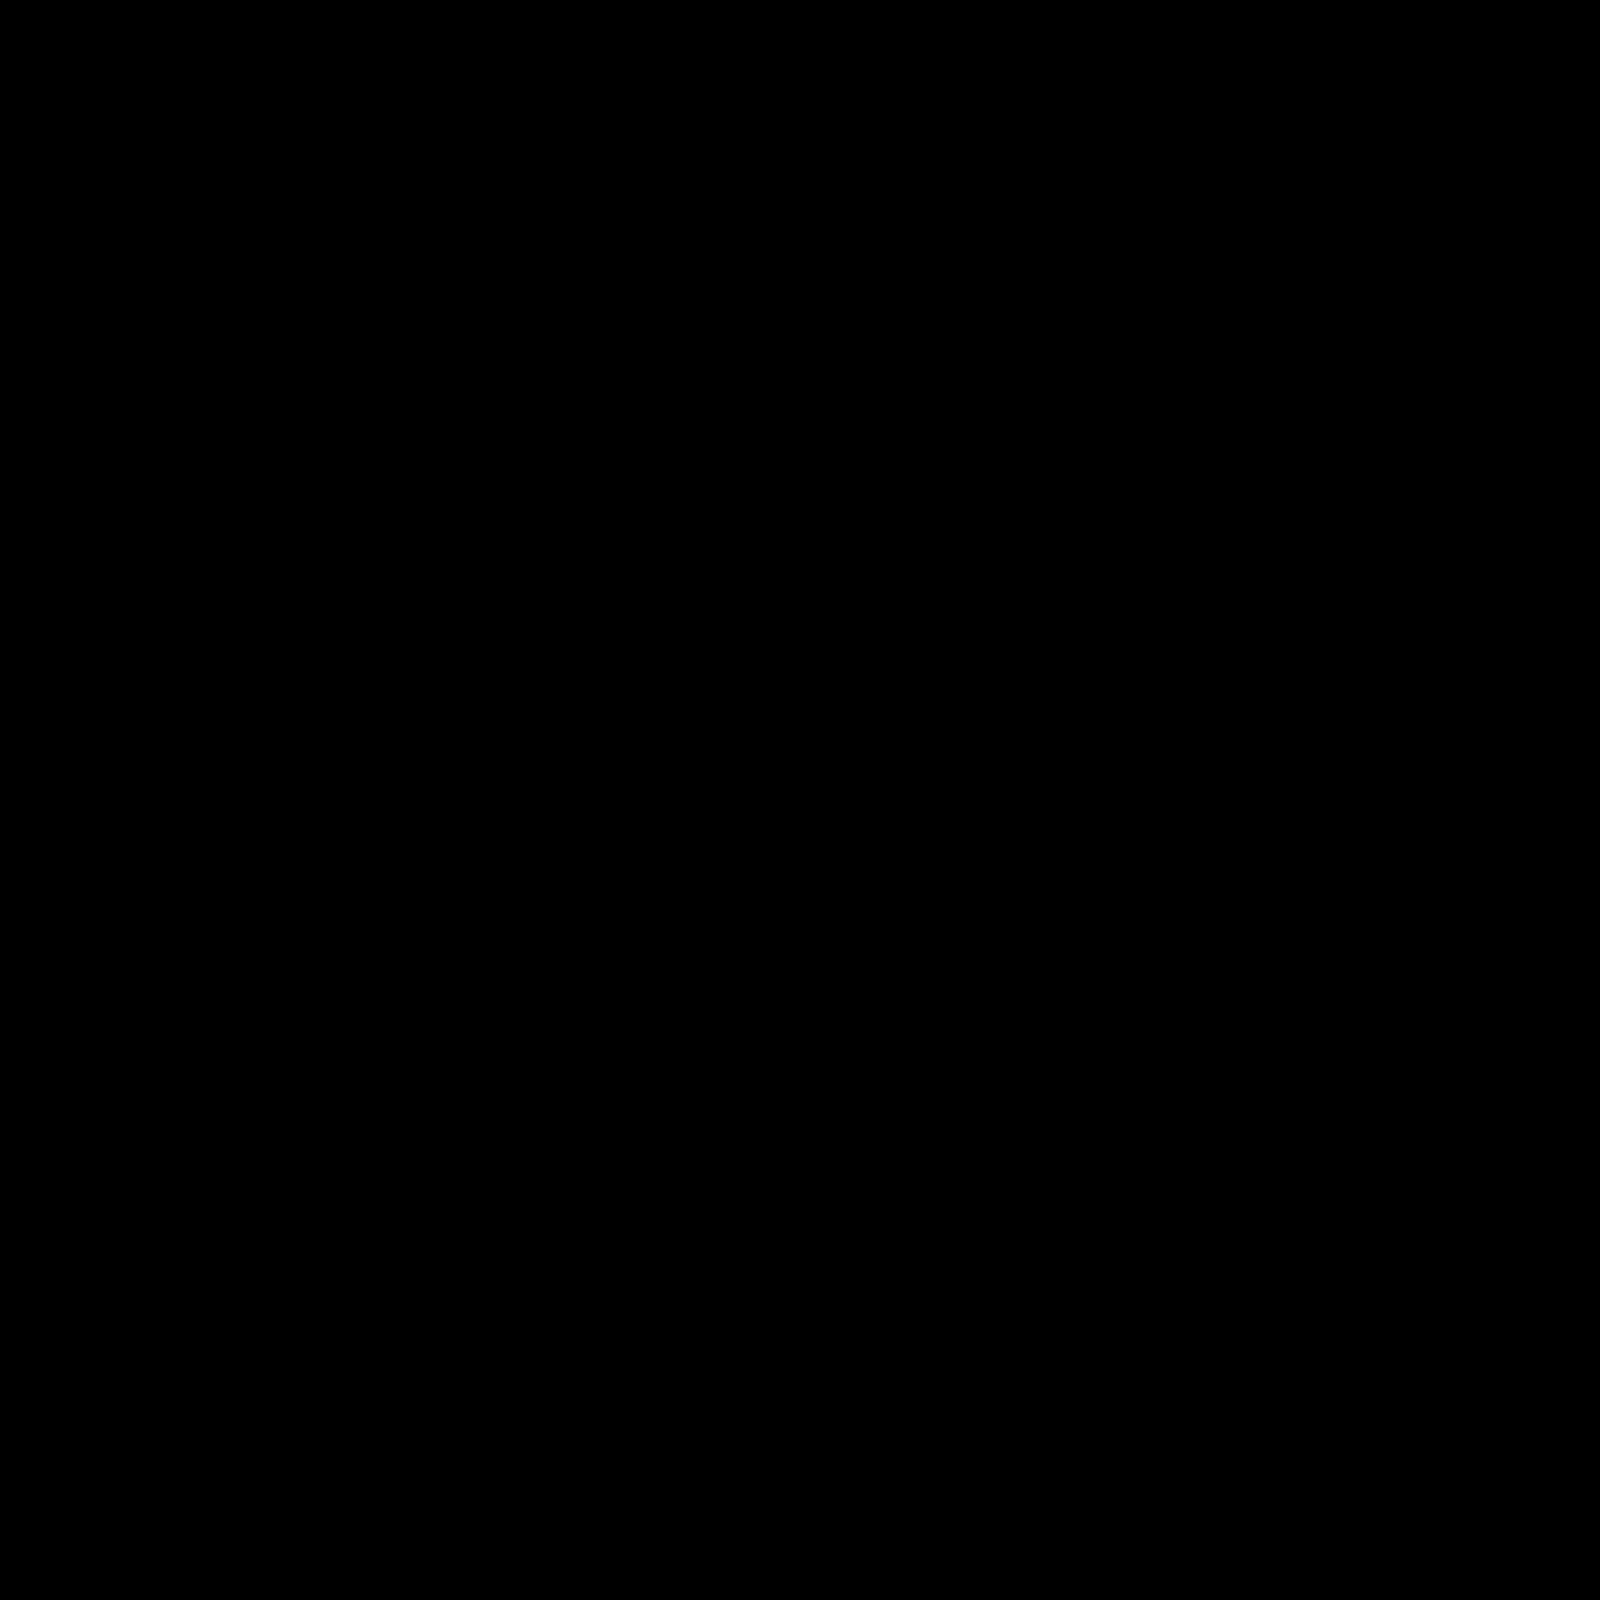 Księga główna icon